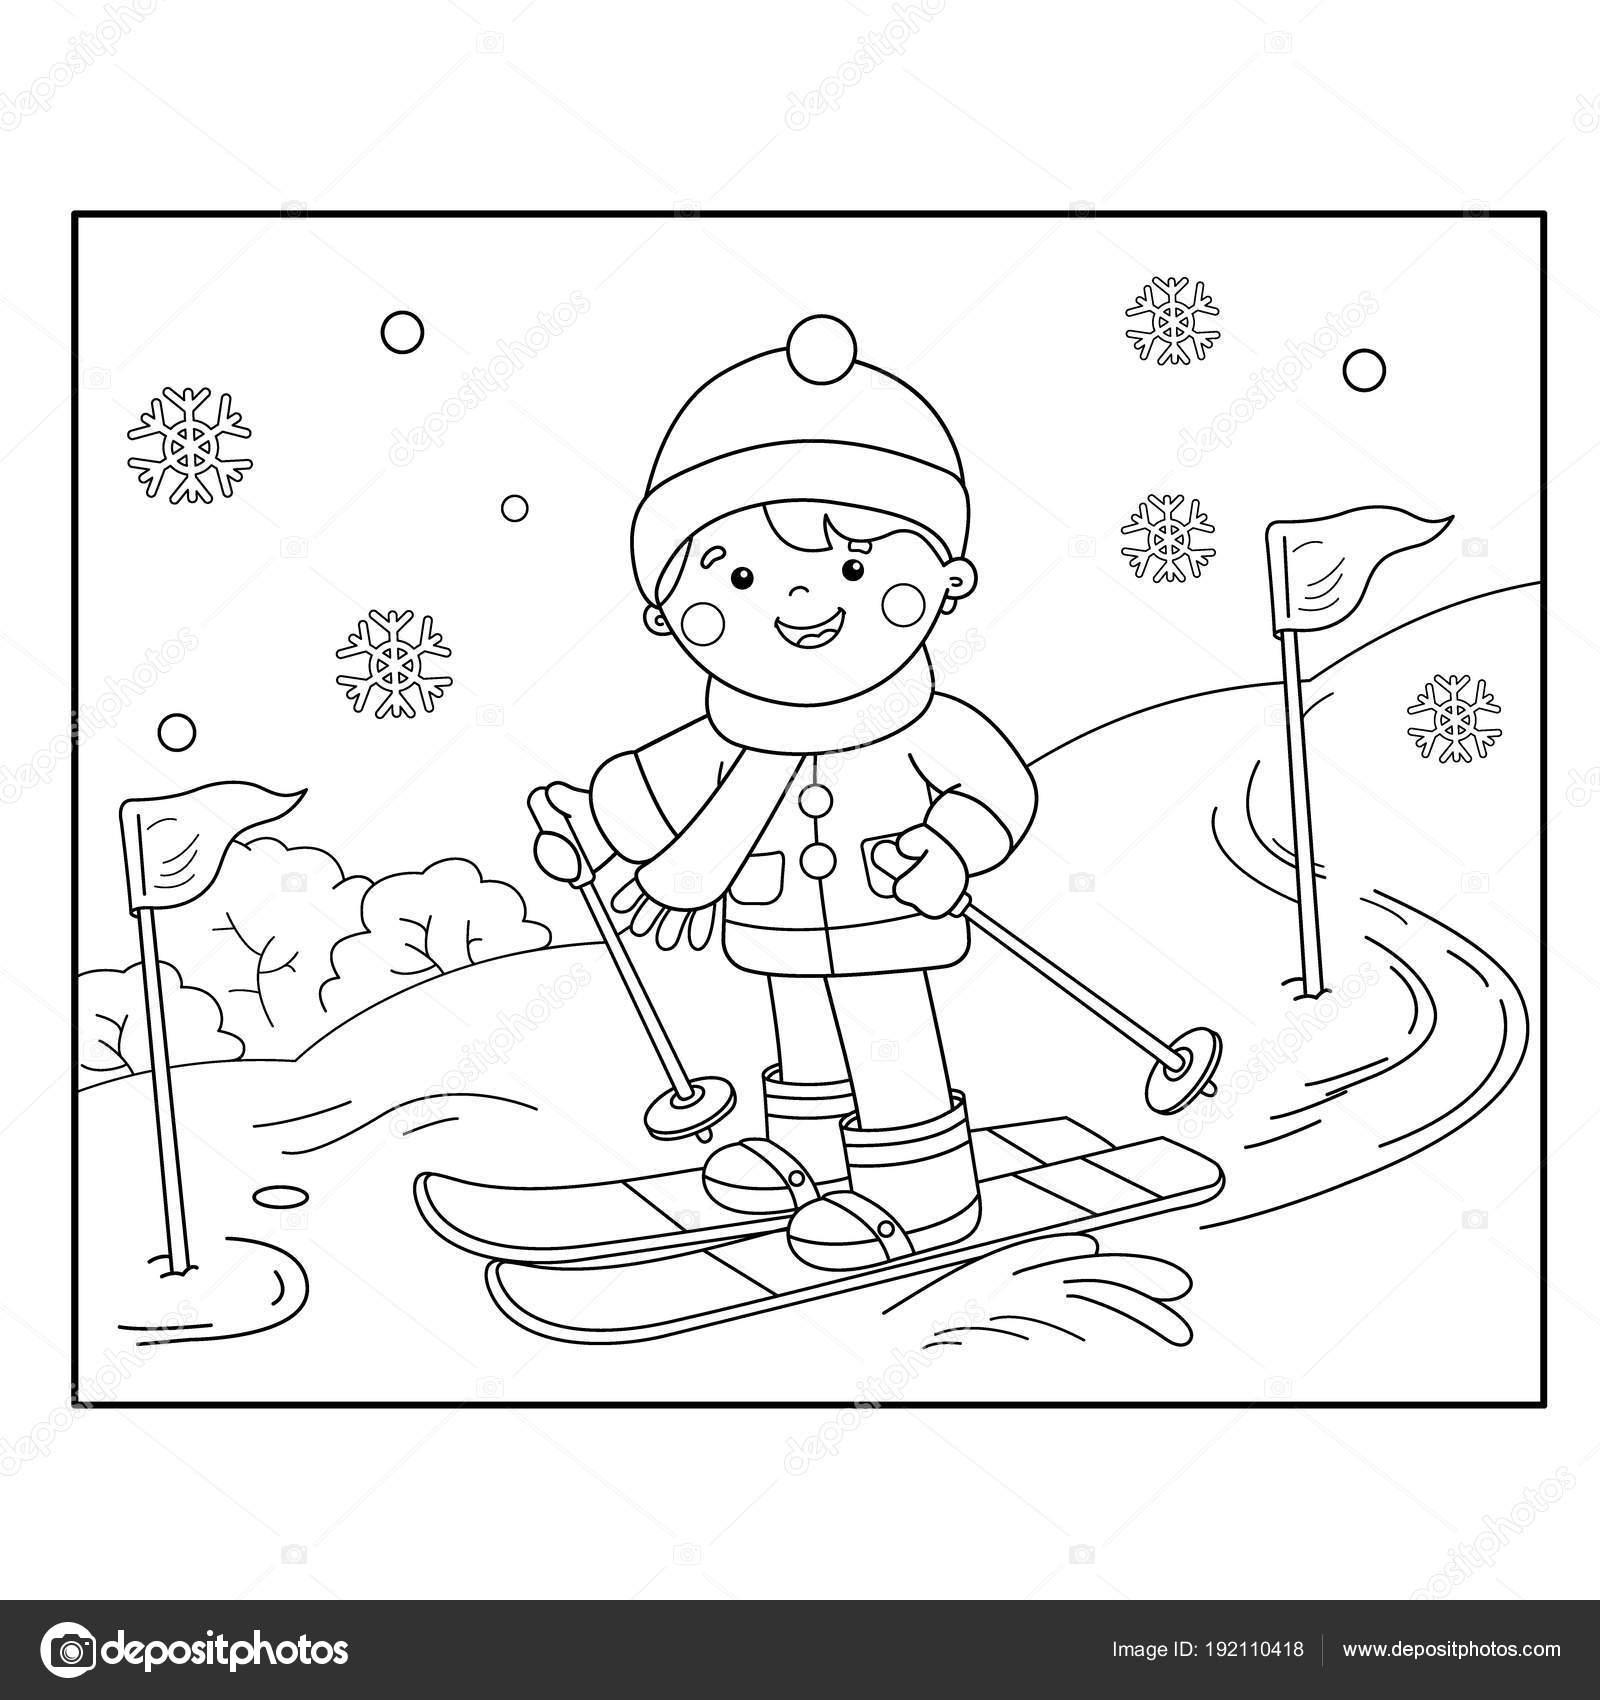 Colorear página contorno de dibujos animados chico esquí. Deportes ...